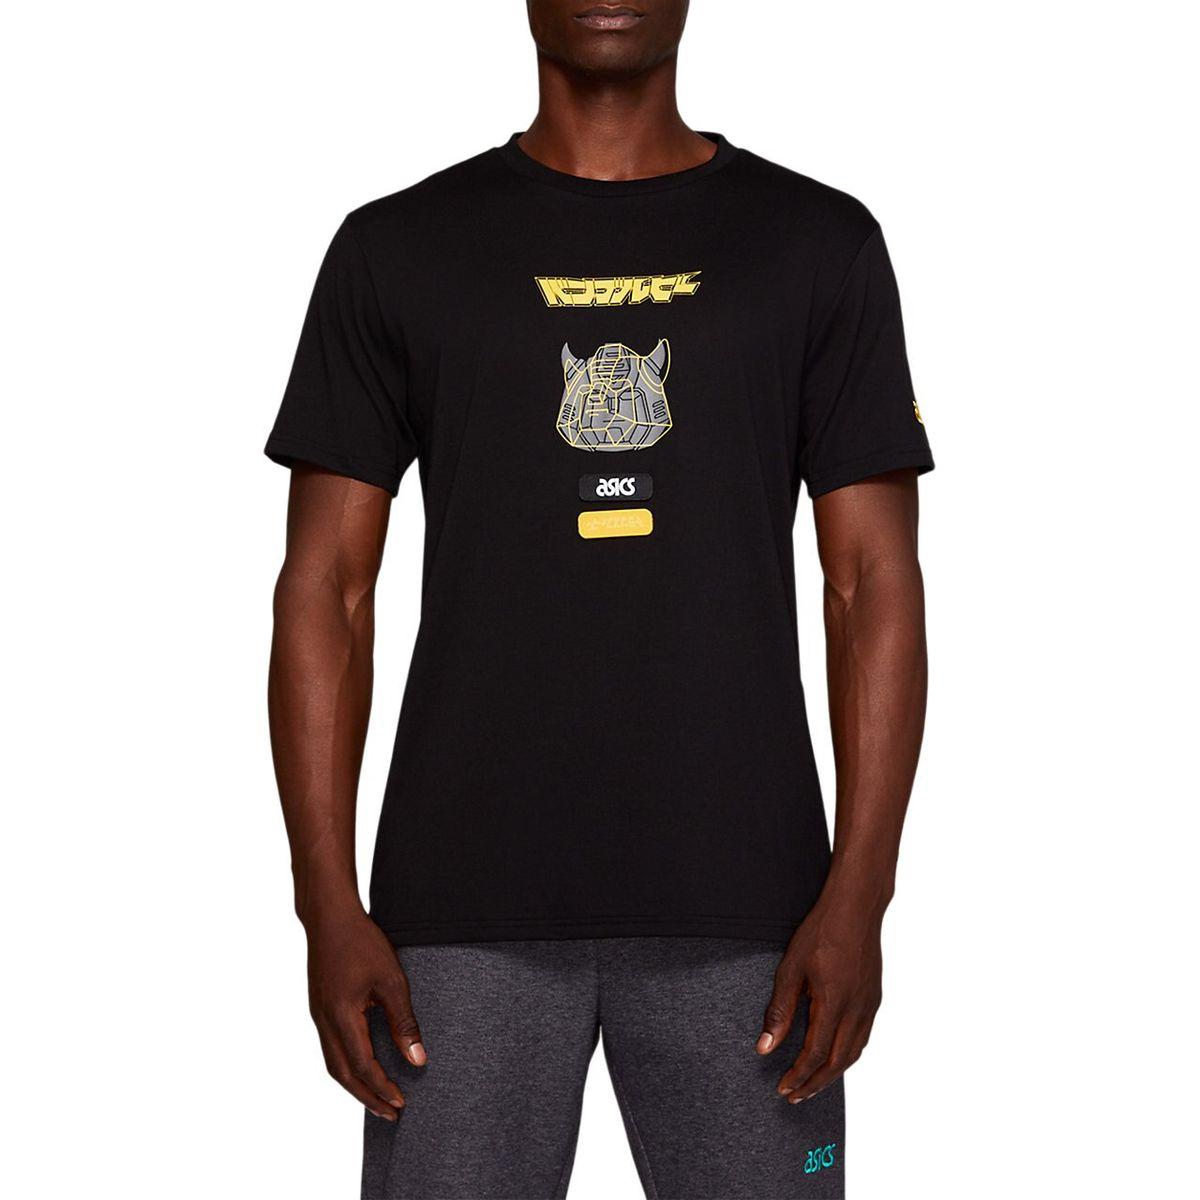 ASICS-Camiseta-Transformers